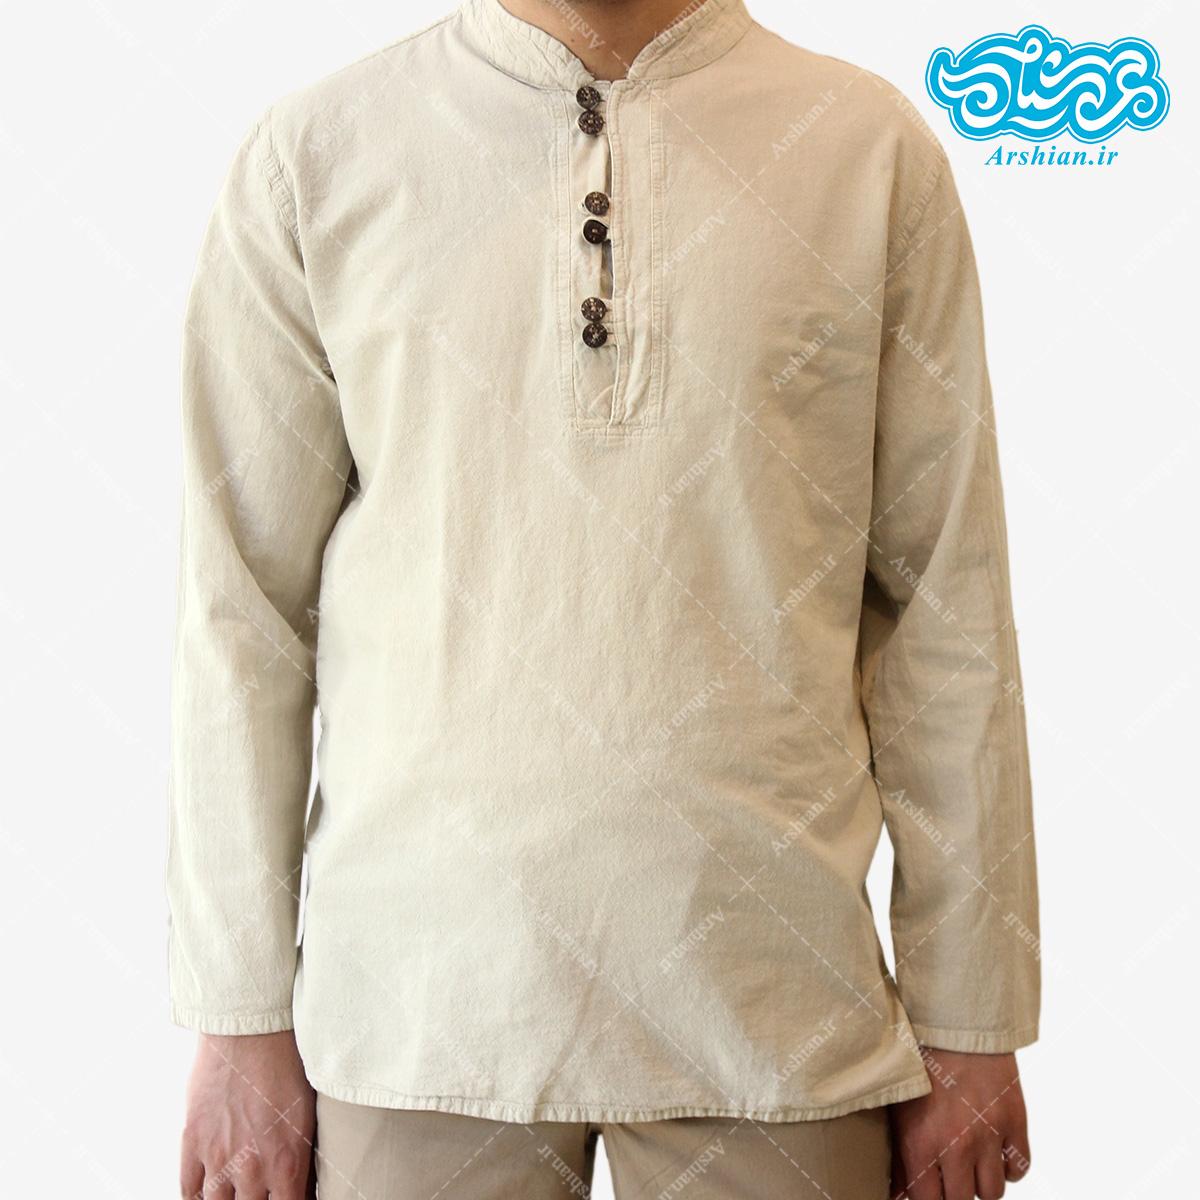 پیراهن الیاف طبیعی طرح شش دکمه مدل se002